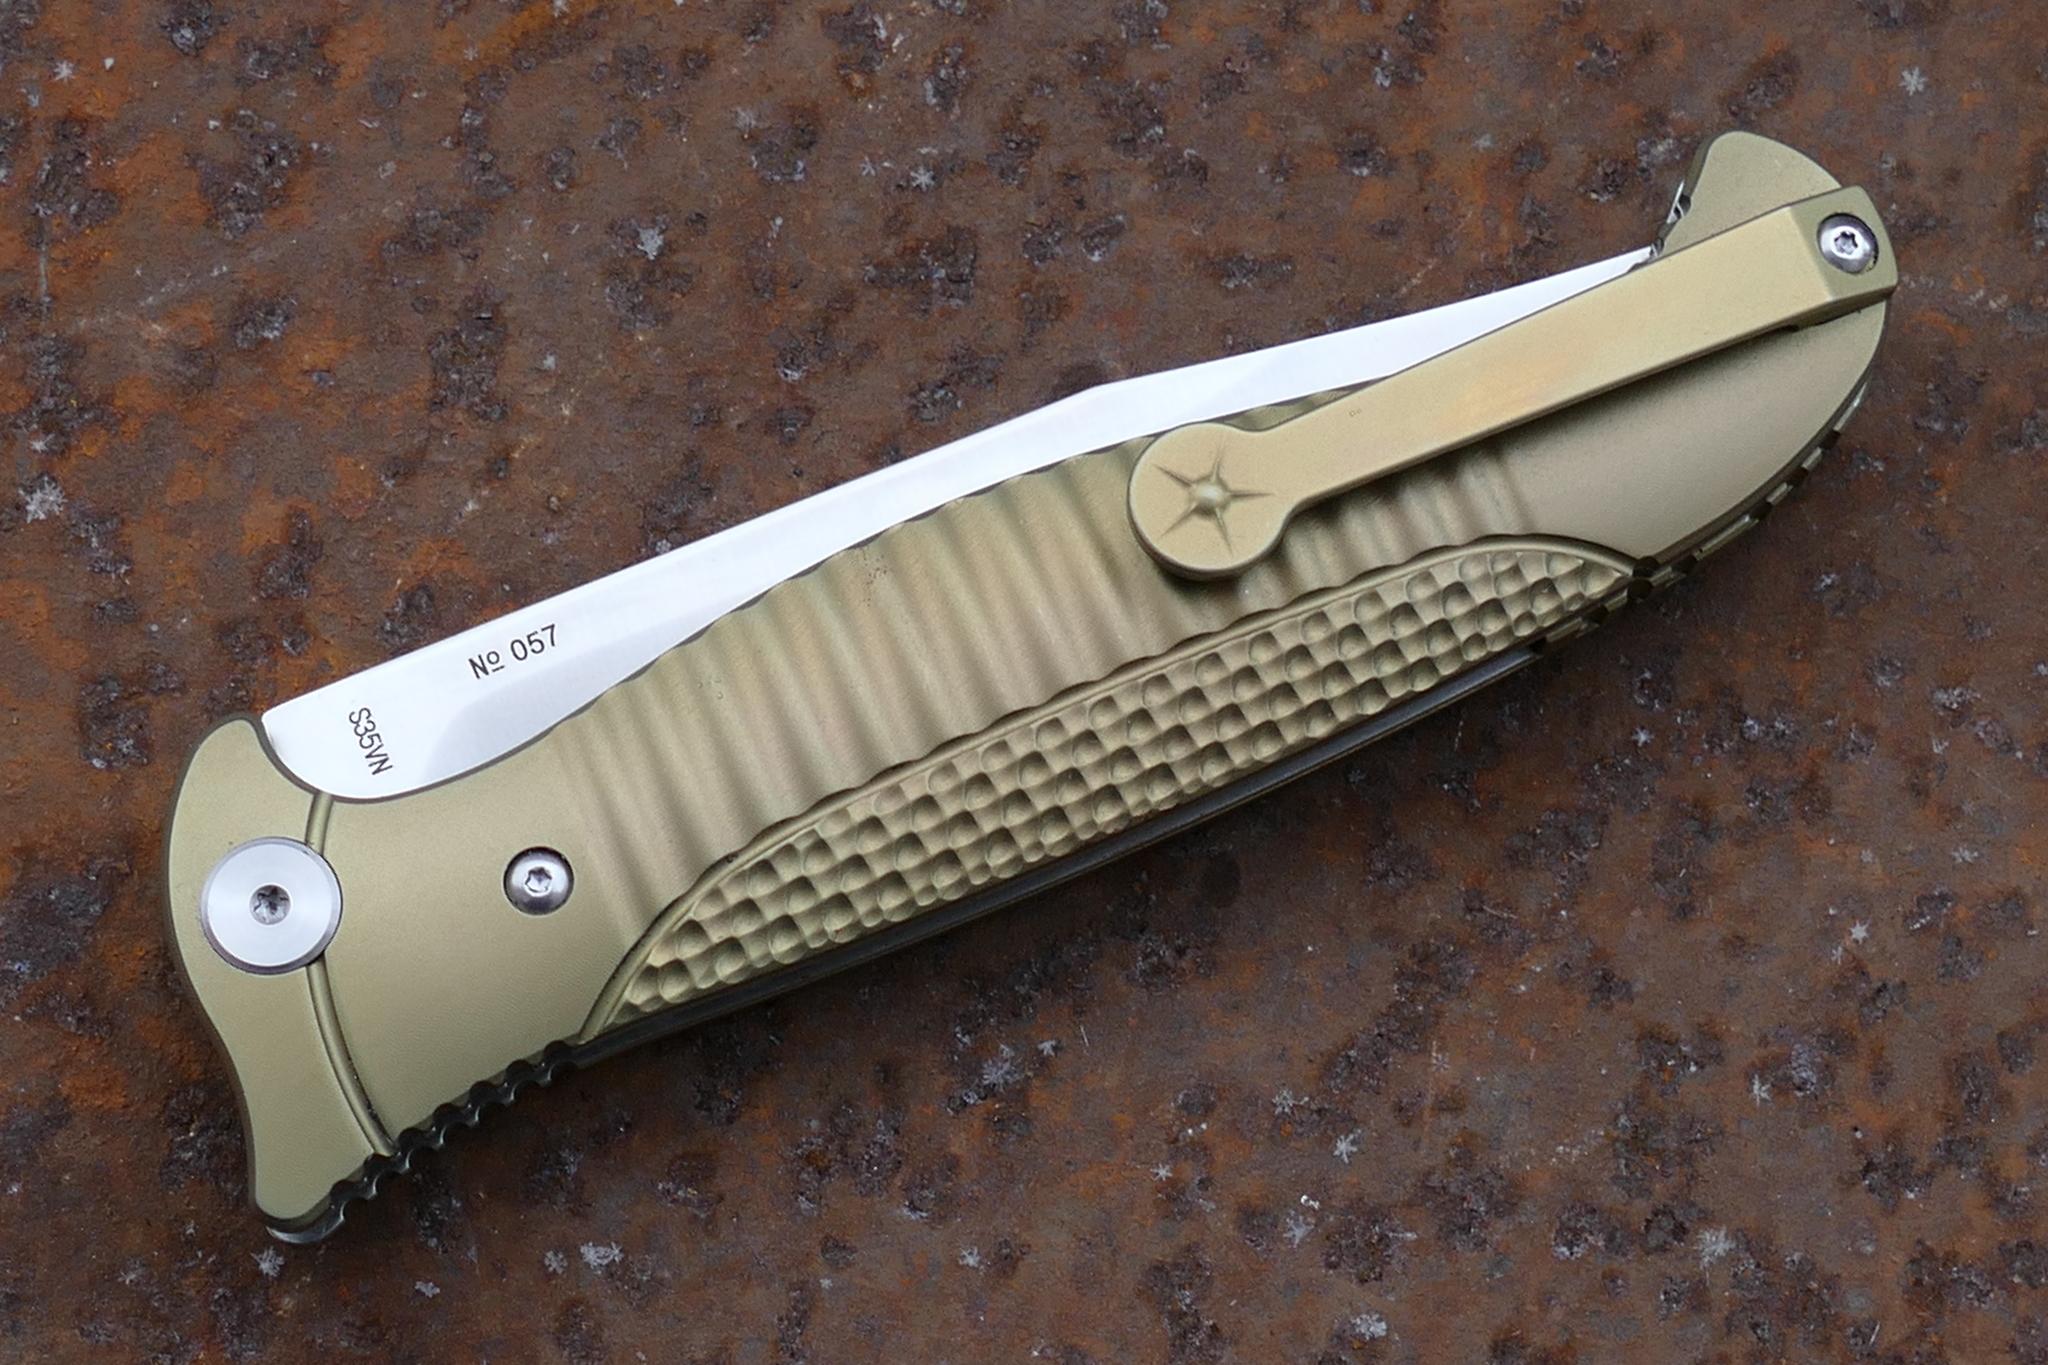 Фото 18 - Складной нож Финка-2, S35VN от Reptilian